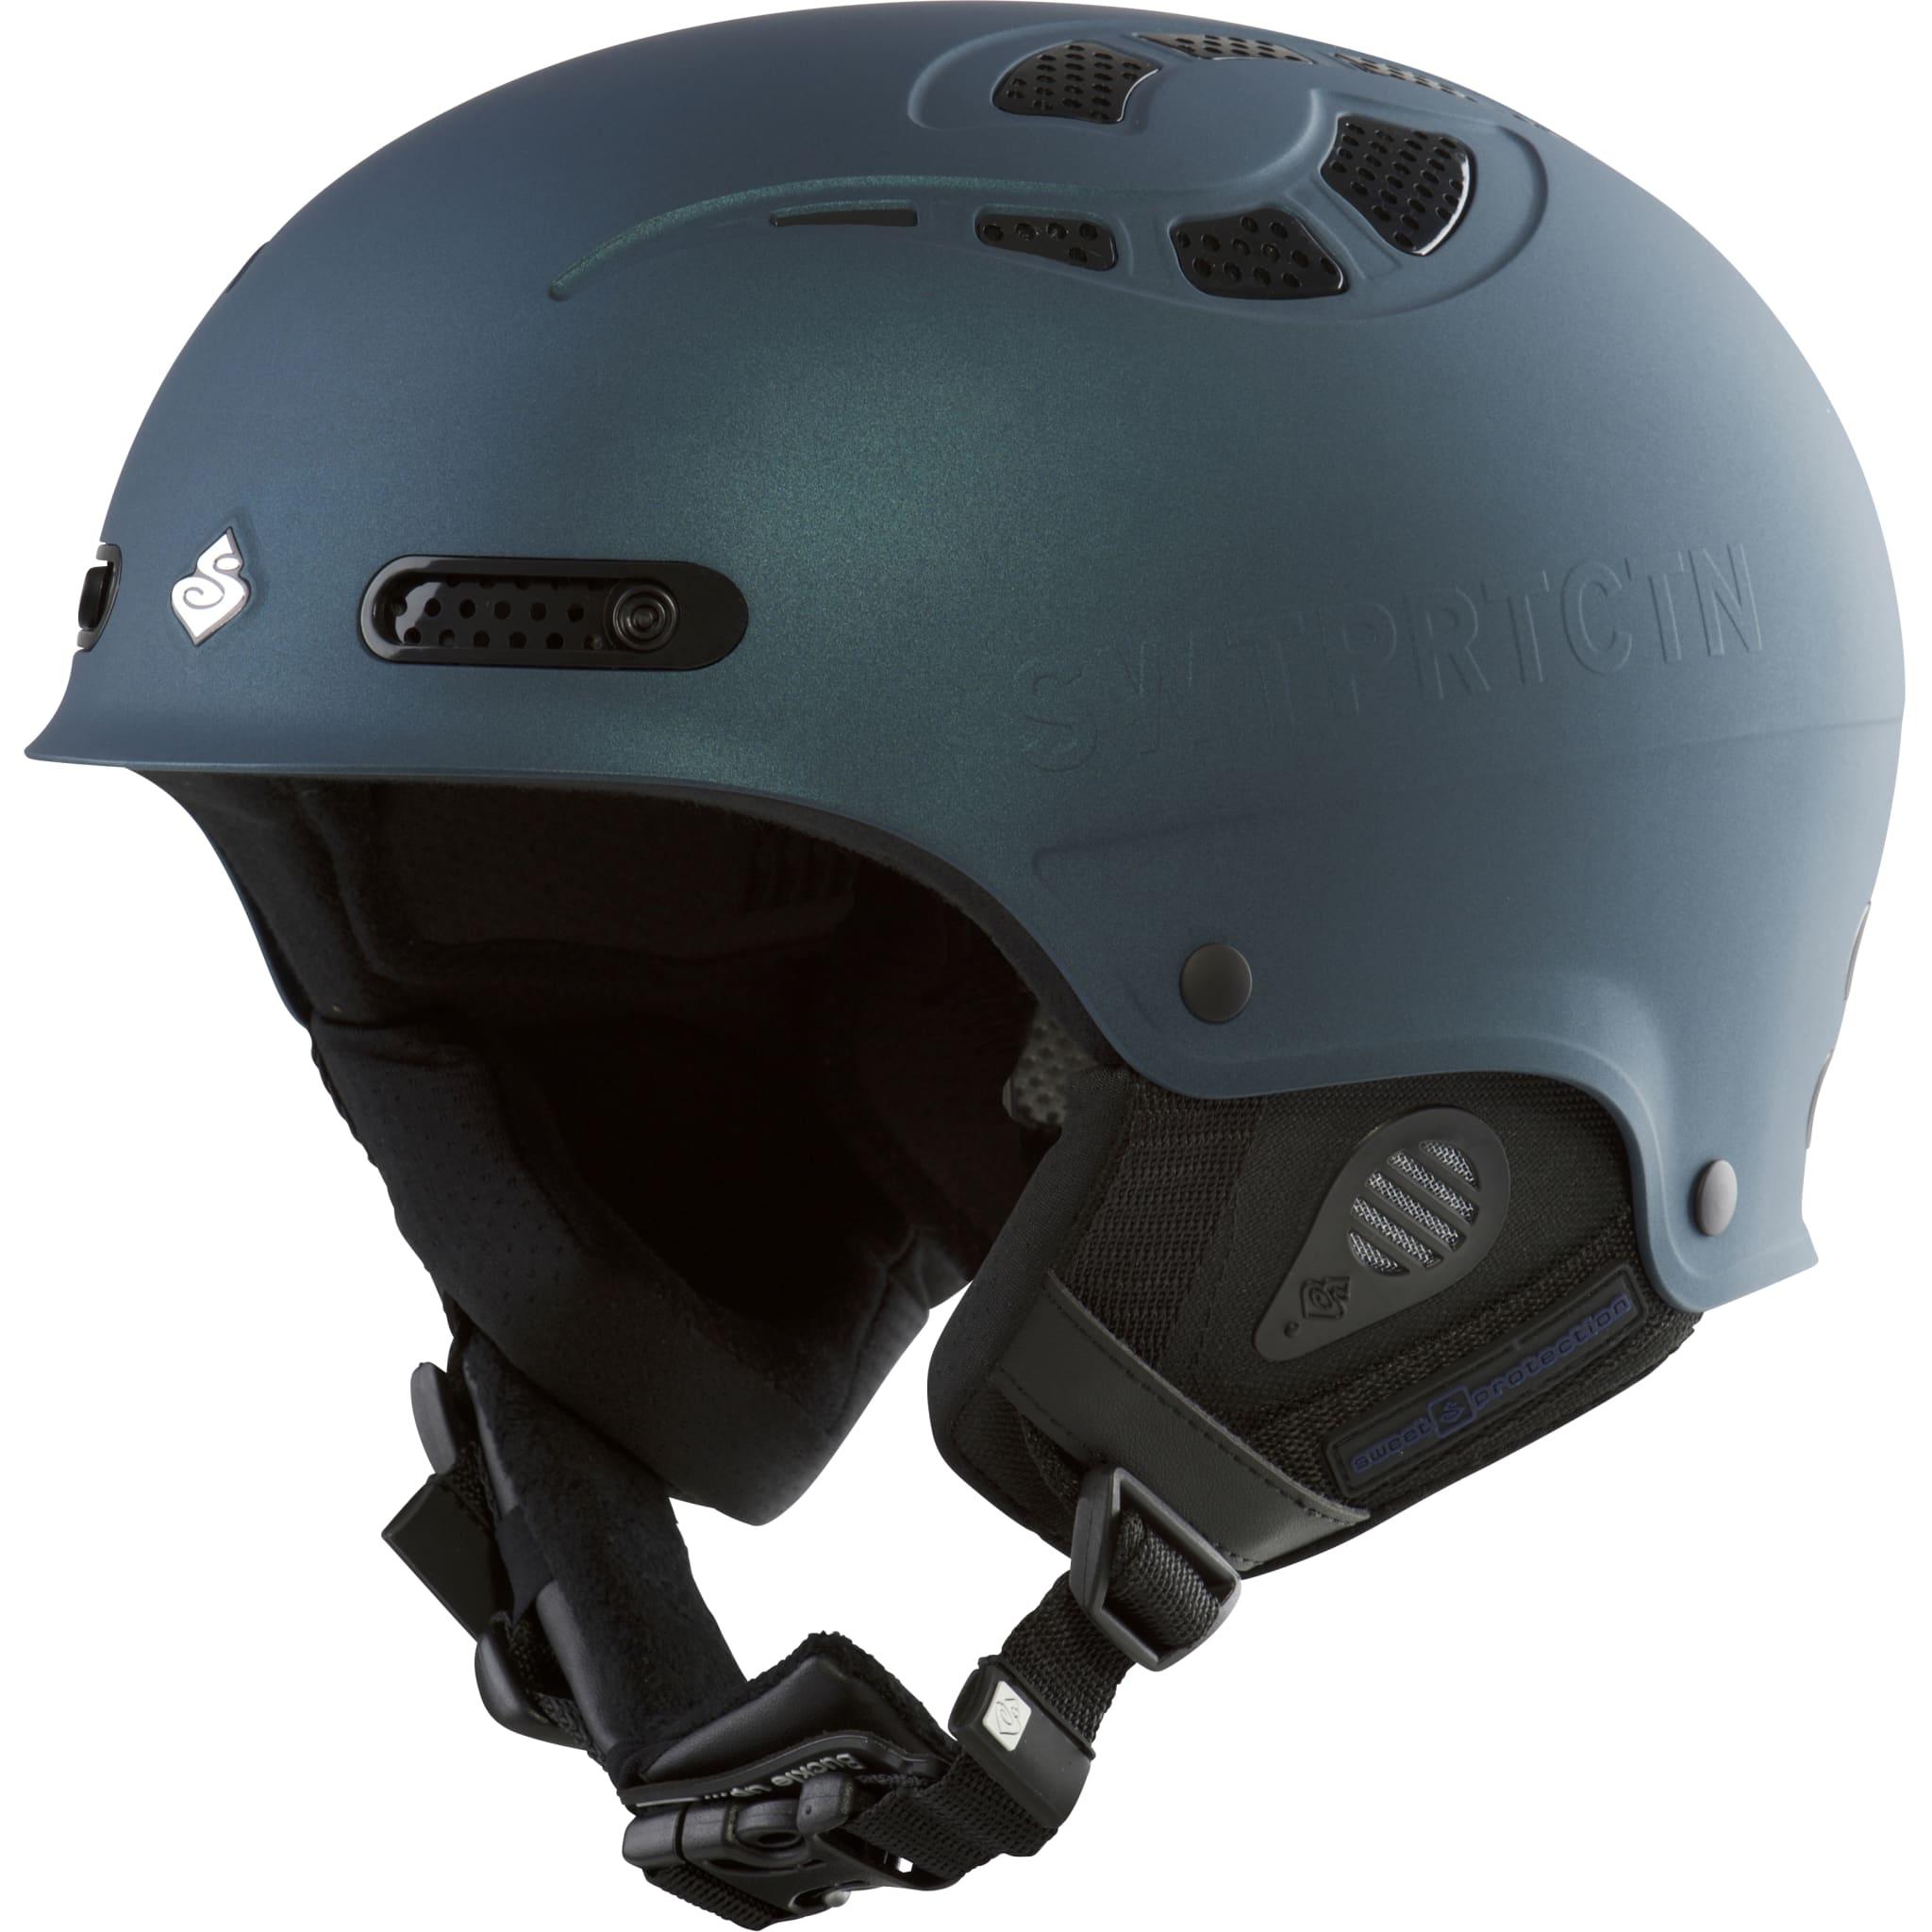 Superlett og allsidig hjelm med god ventilasjon og komfort